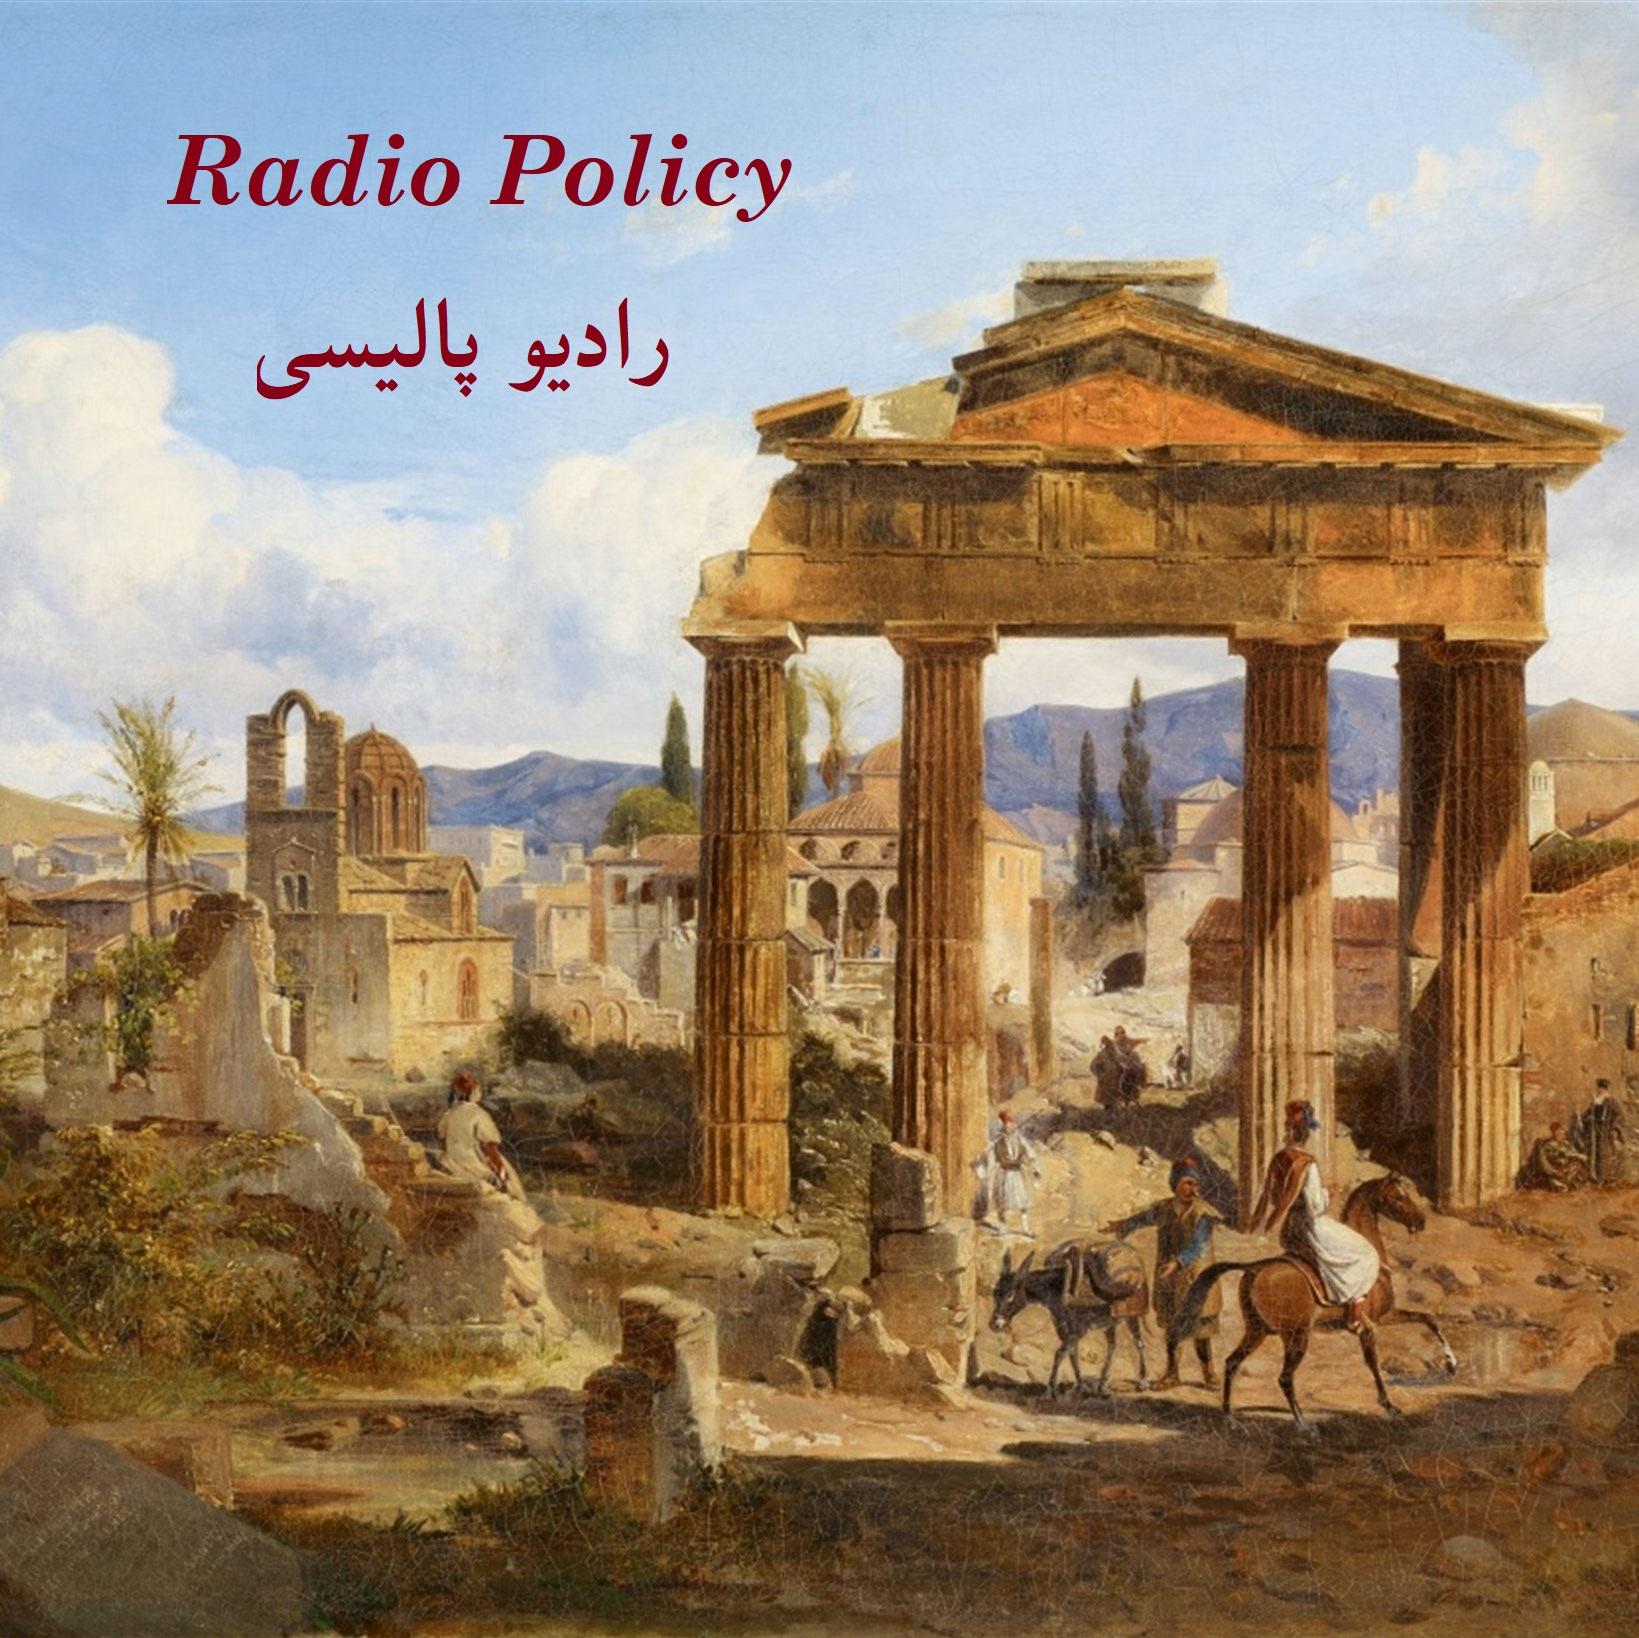 درباره رادیو پالیسی